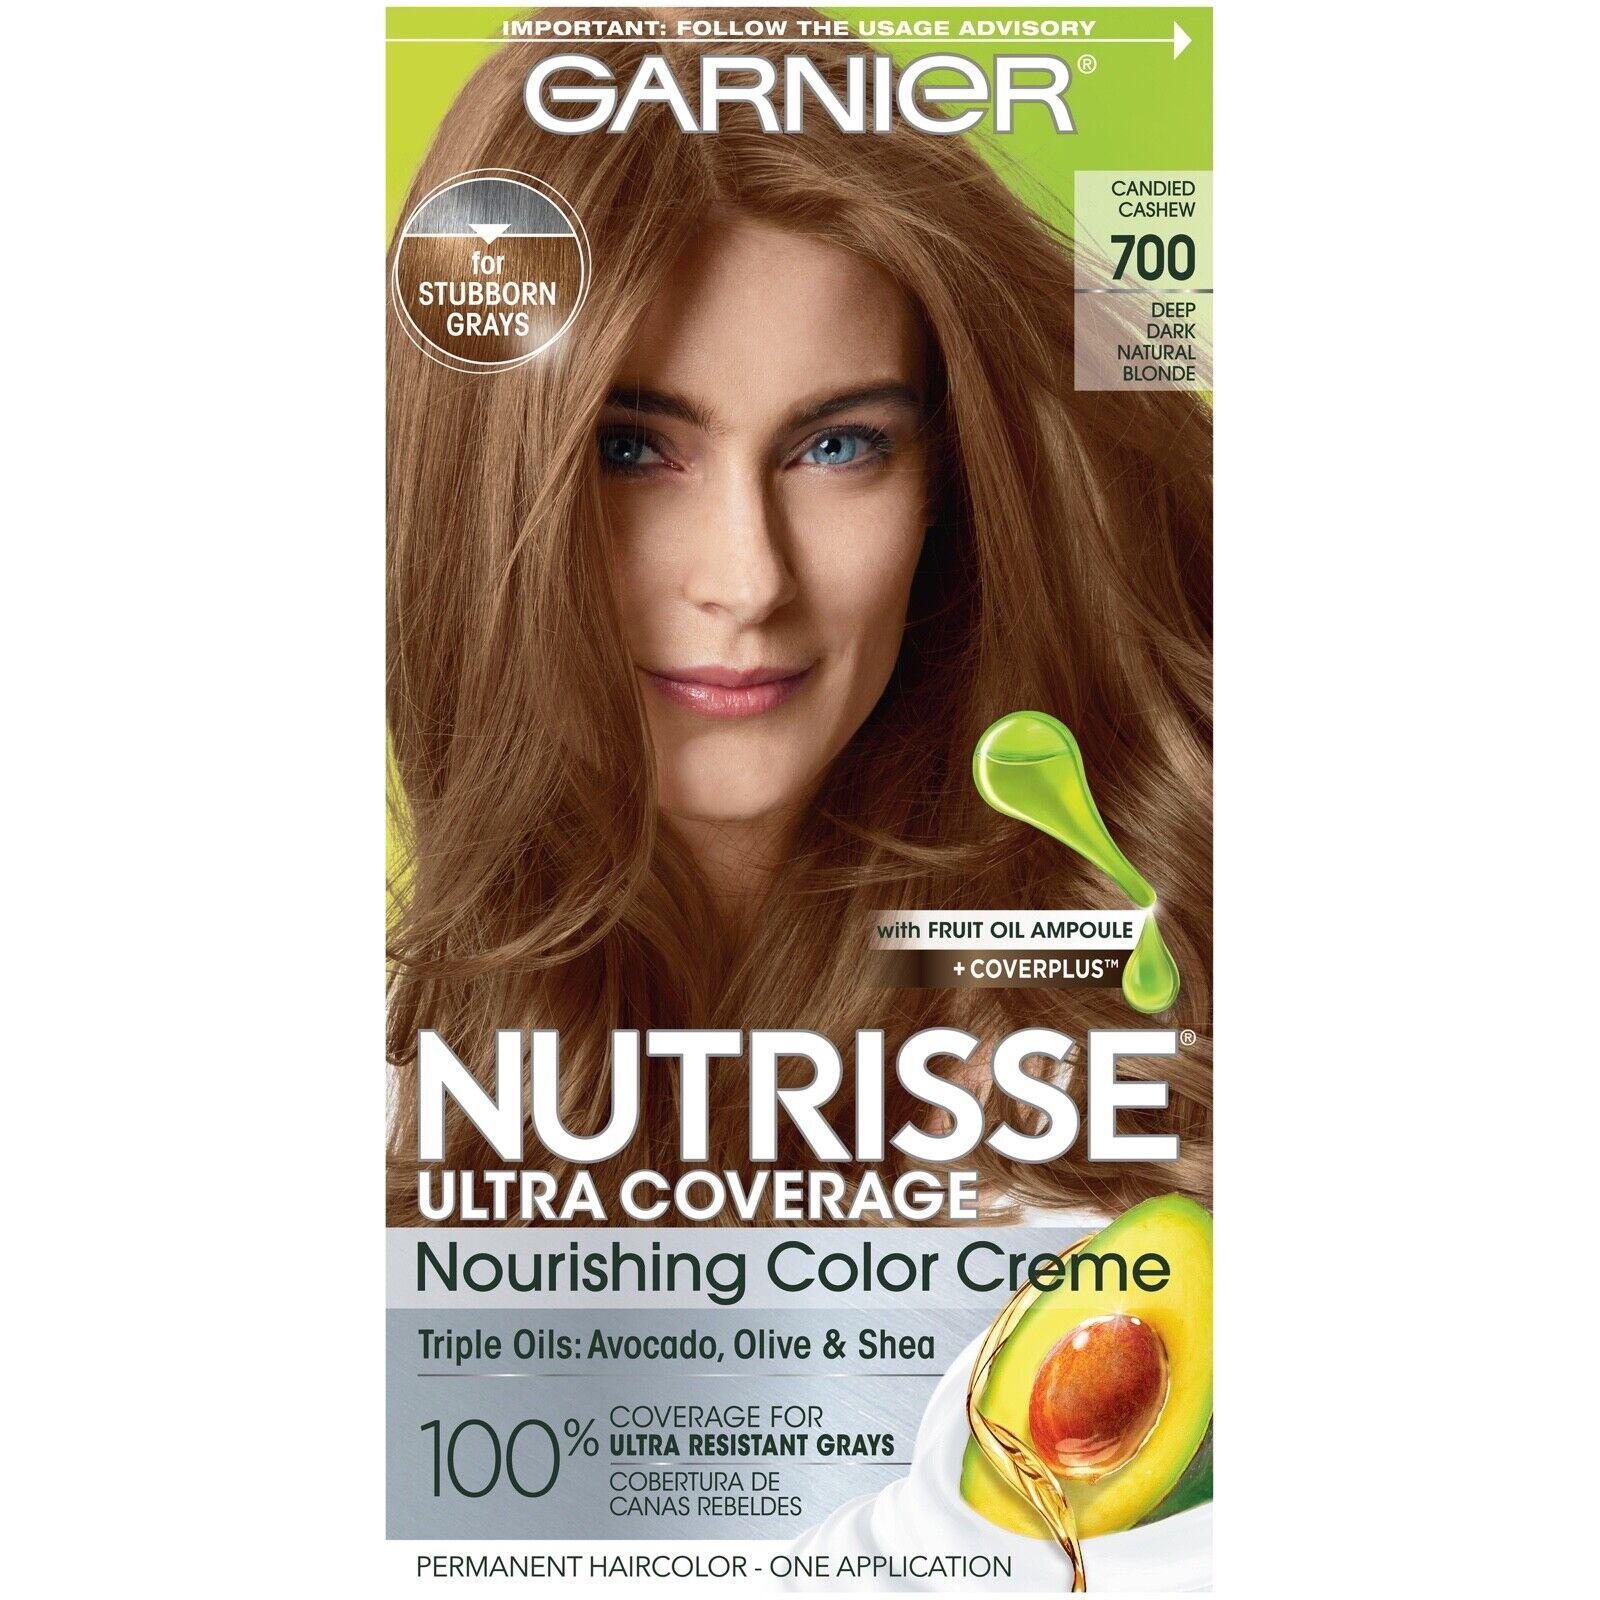 Garnier Nutrisse Farbe Creme Permanent Haarfarbe 700 Tief Dark Naturblond